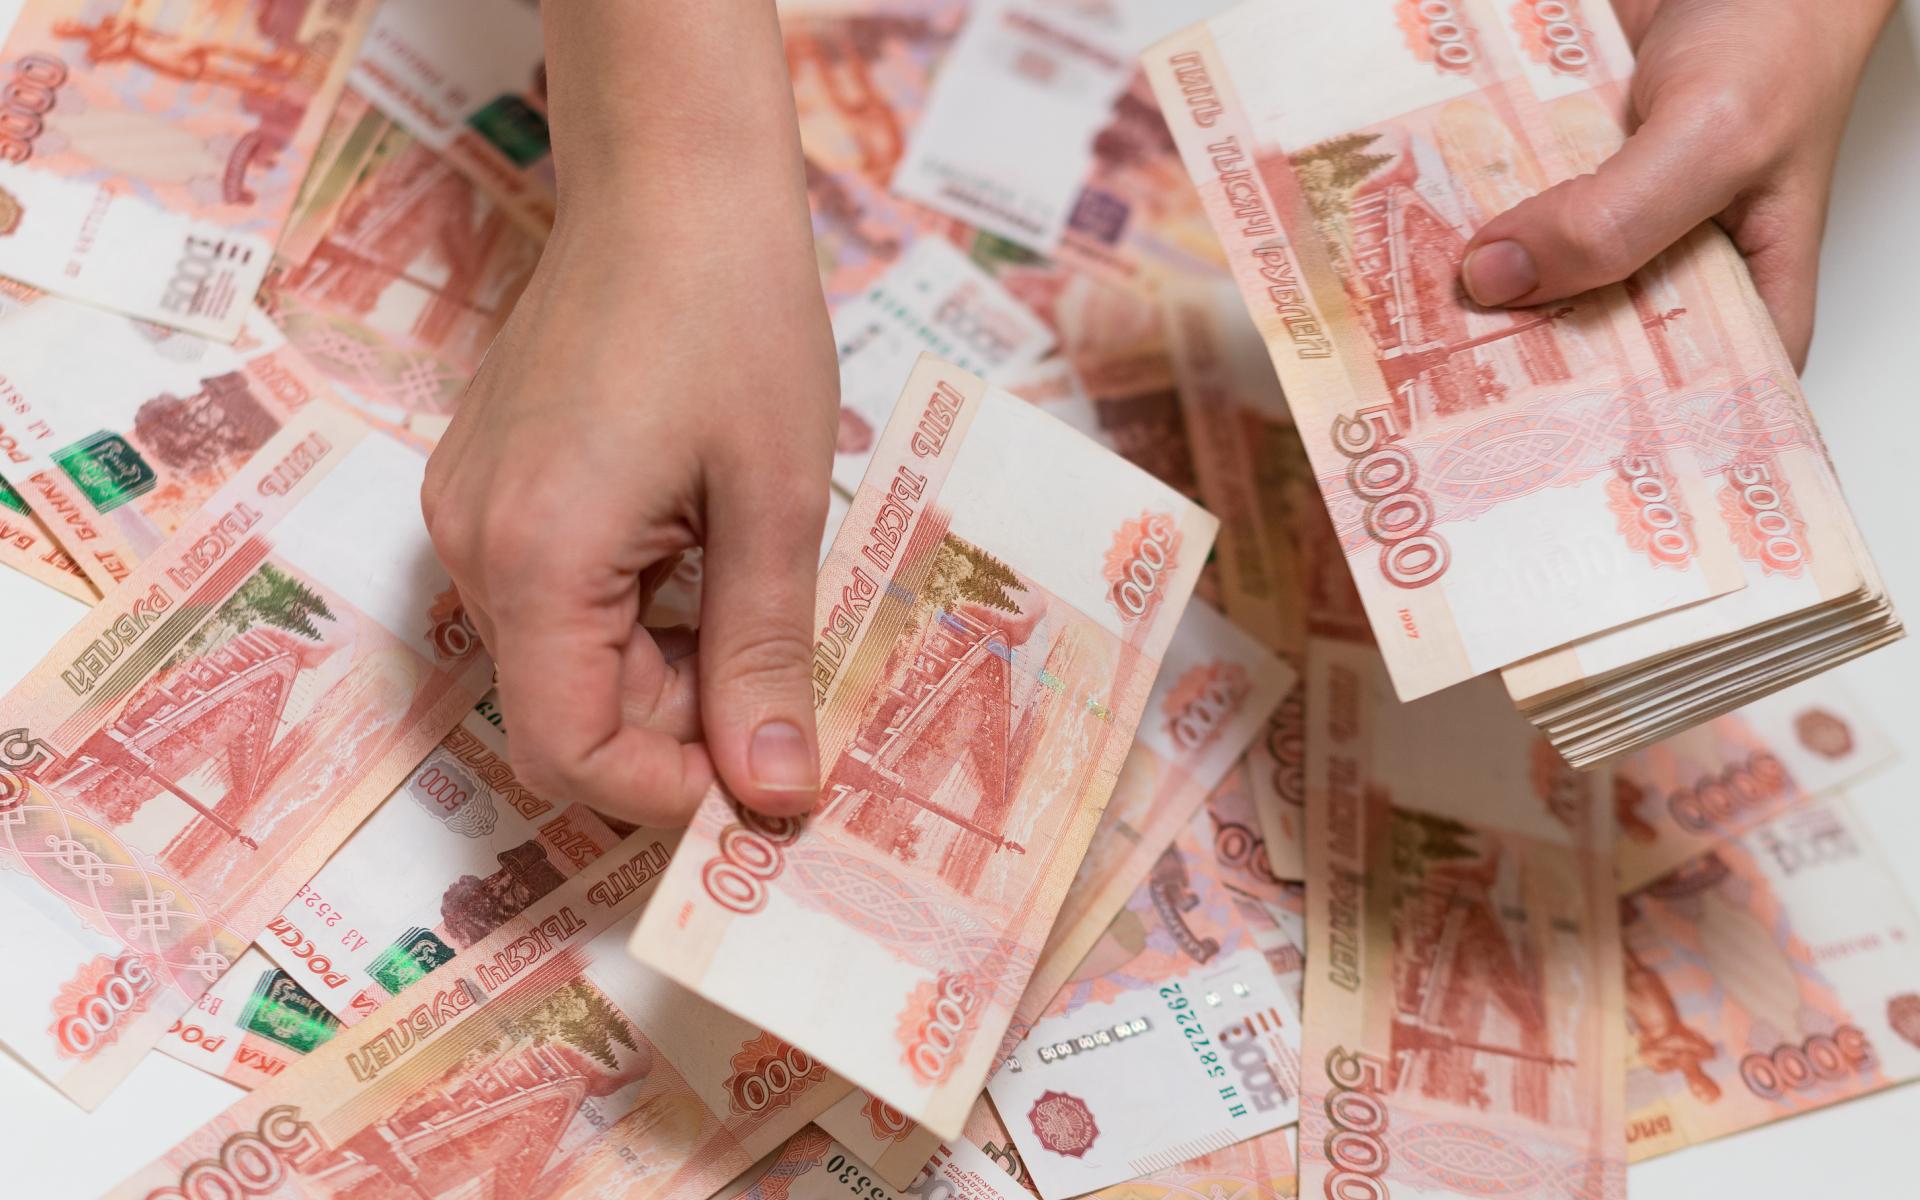 Наиболее высокая стоимость строительства 1 кв. м по итогам первого полугодия зафиксирована в Чукотском автономном округе — 196 тыс. руб.